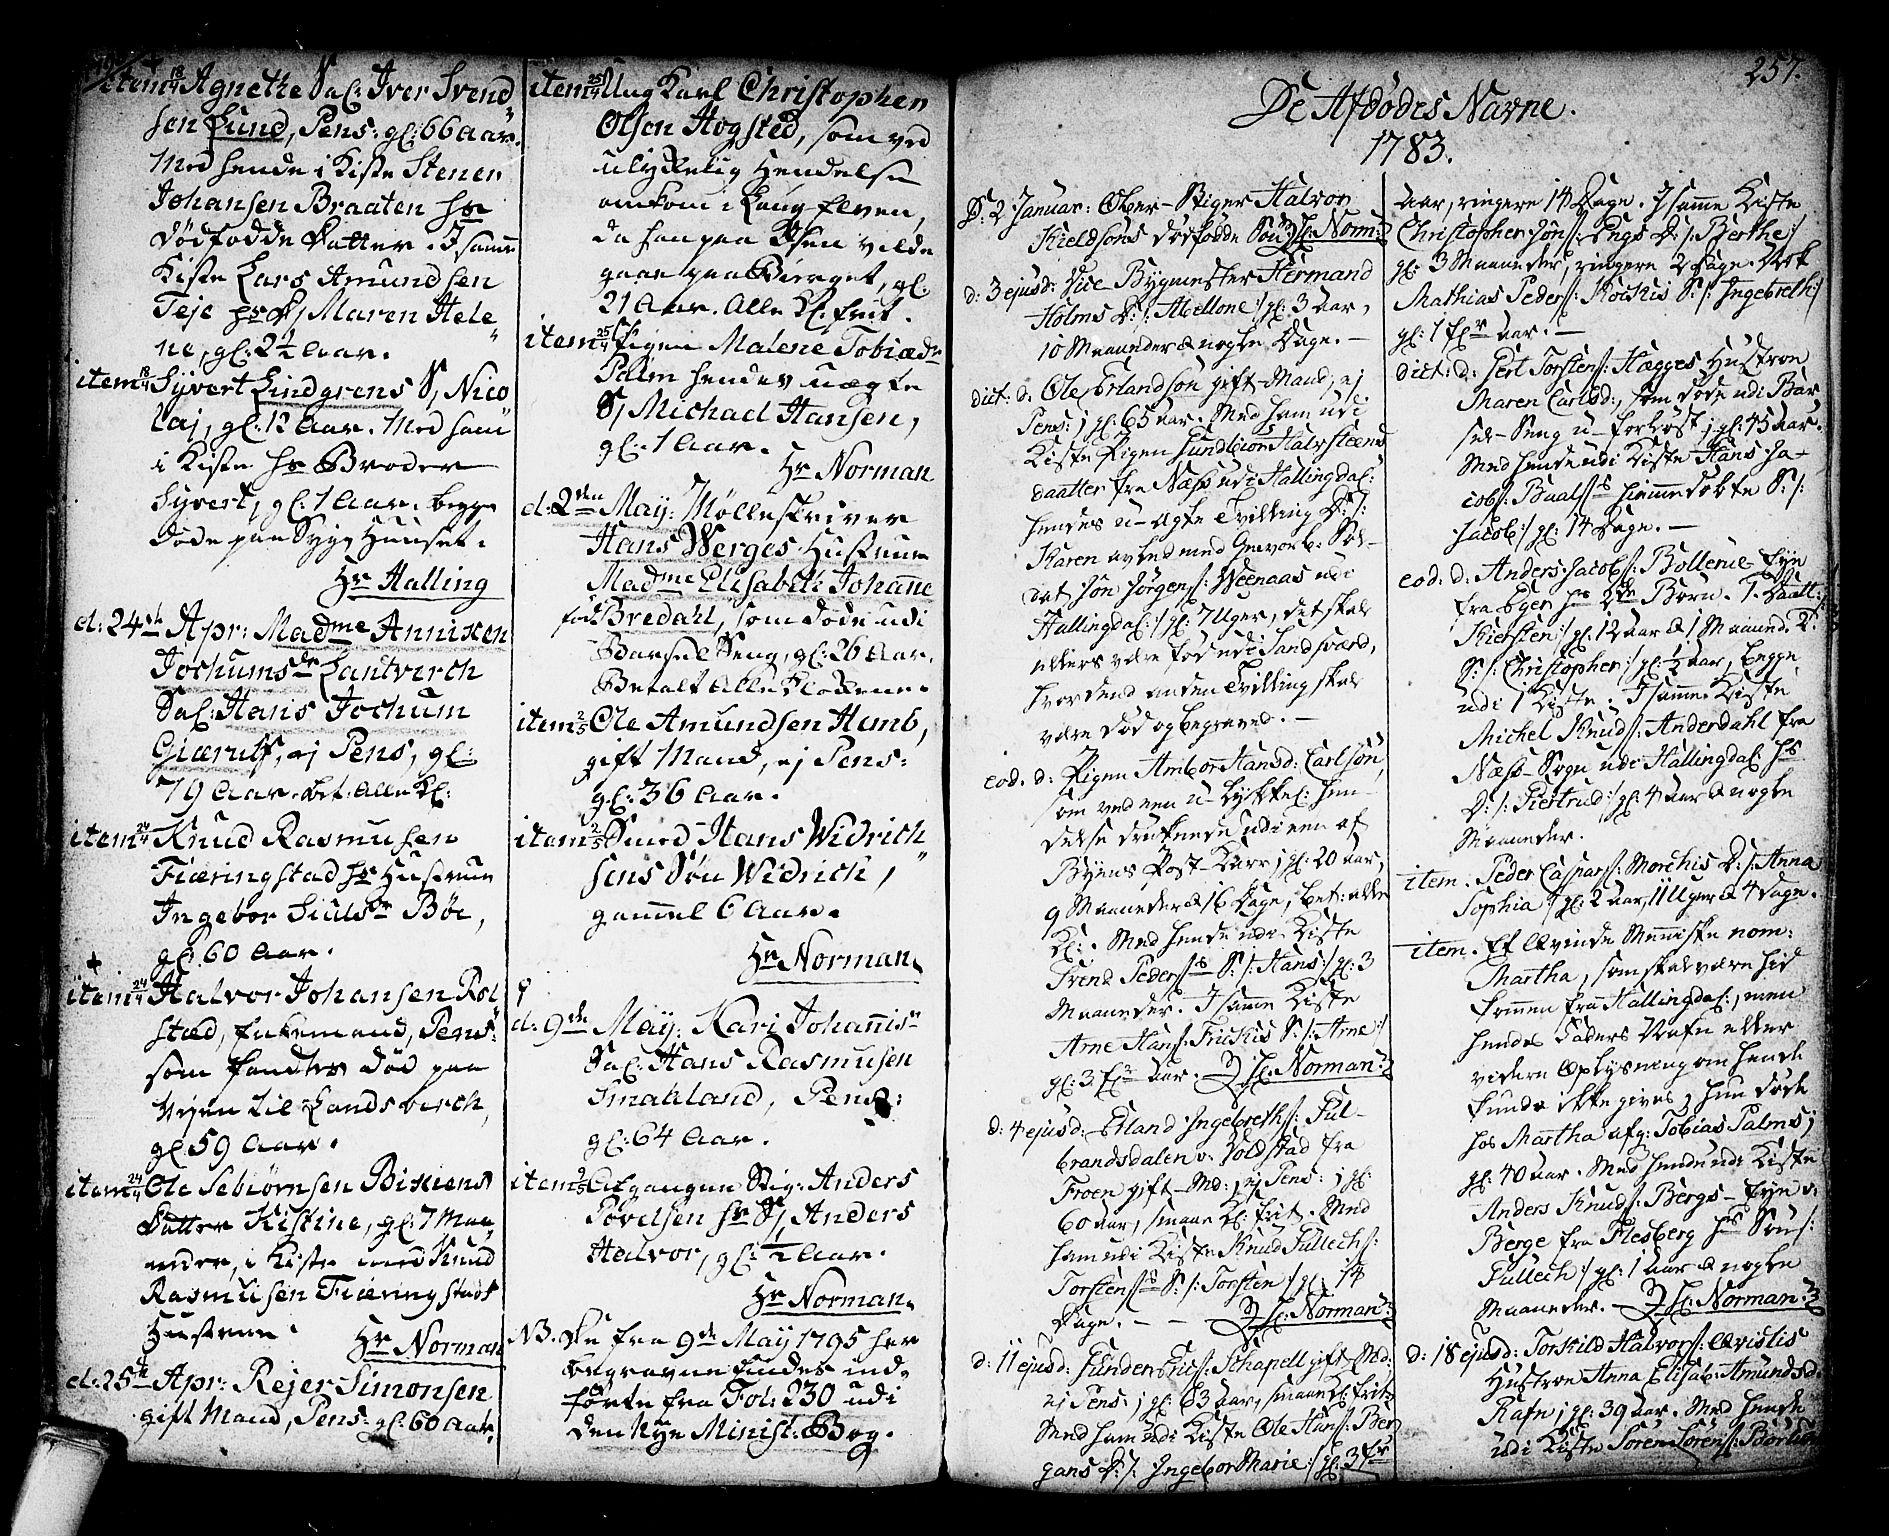 SAKO, Kongsberg kirkebøker, F/Fa/L0006: Ministerialbok nr. I 6, 1783-1797, s. 257